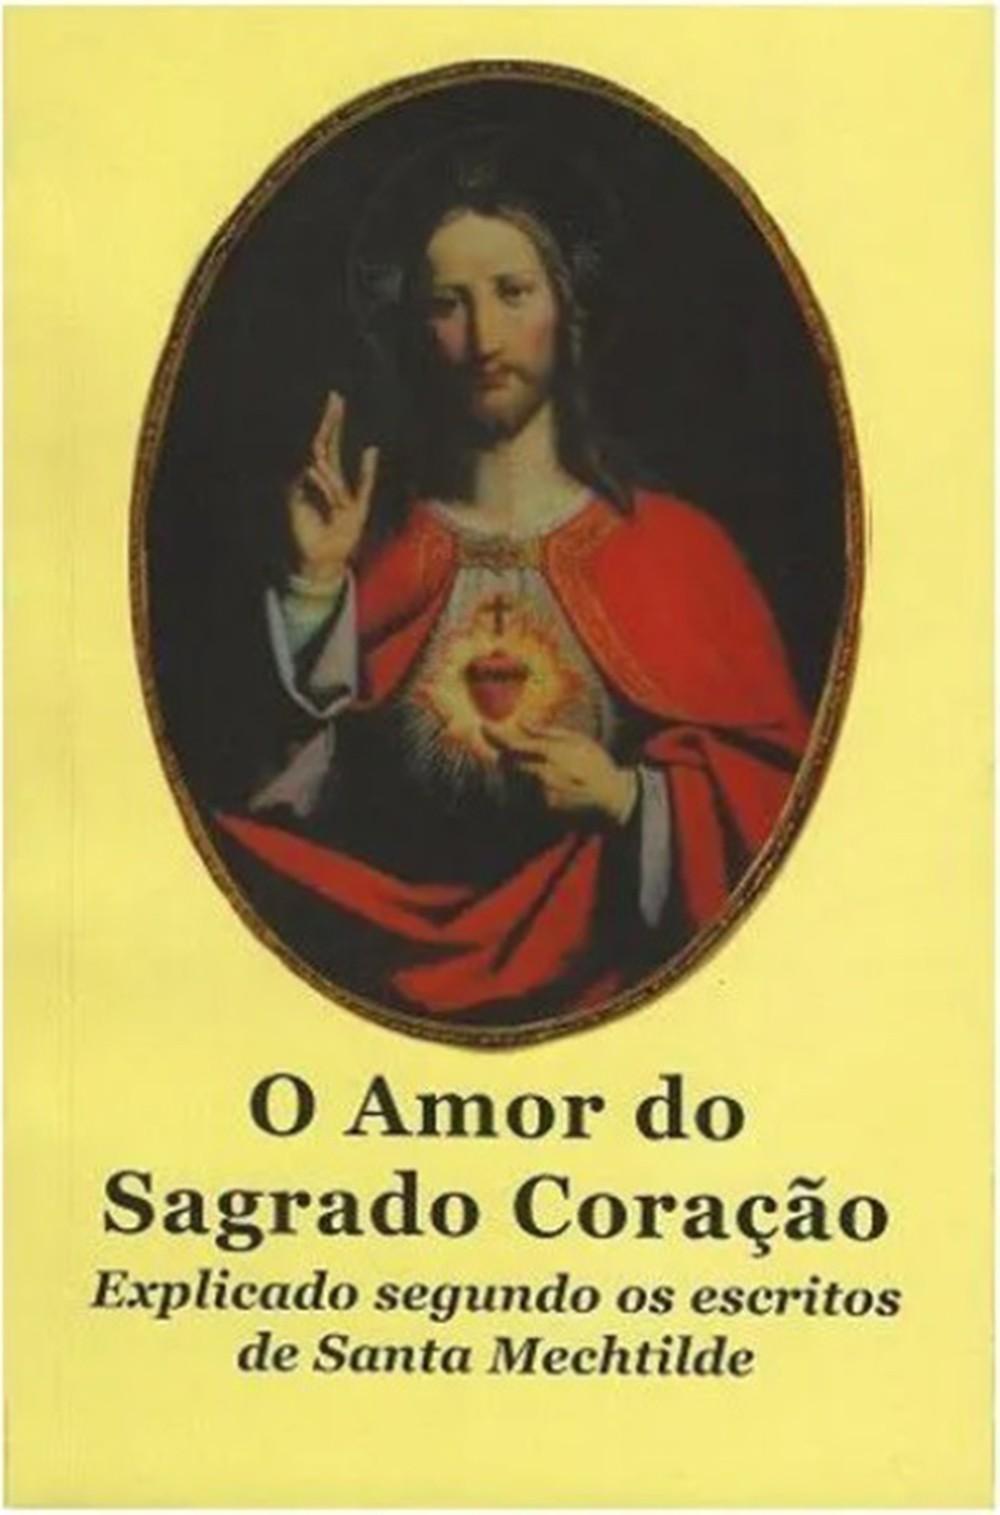 Foto 1 - Livro o amor do sagrado Coração